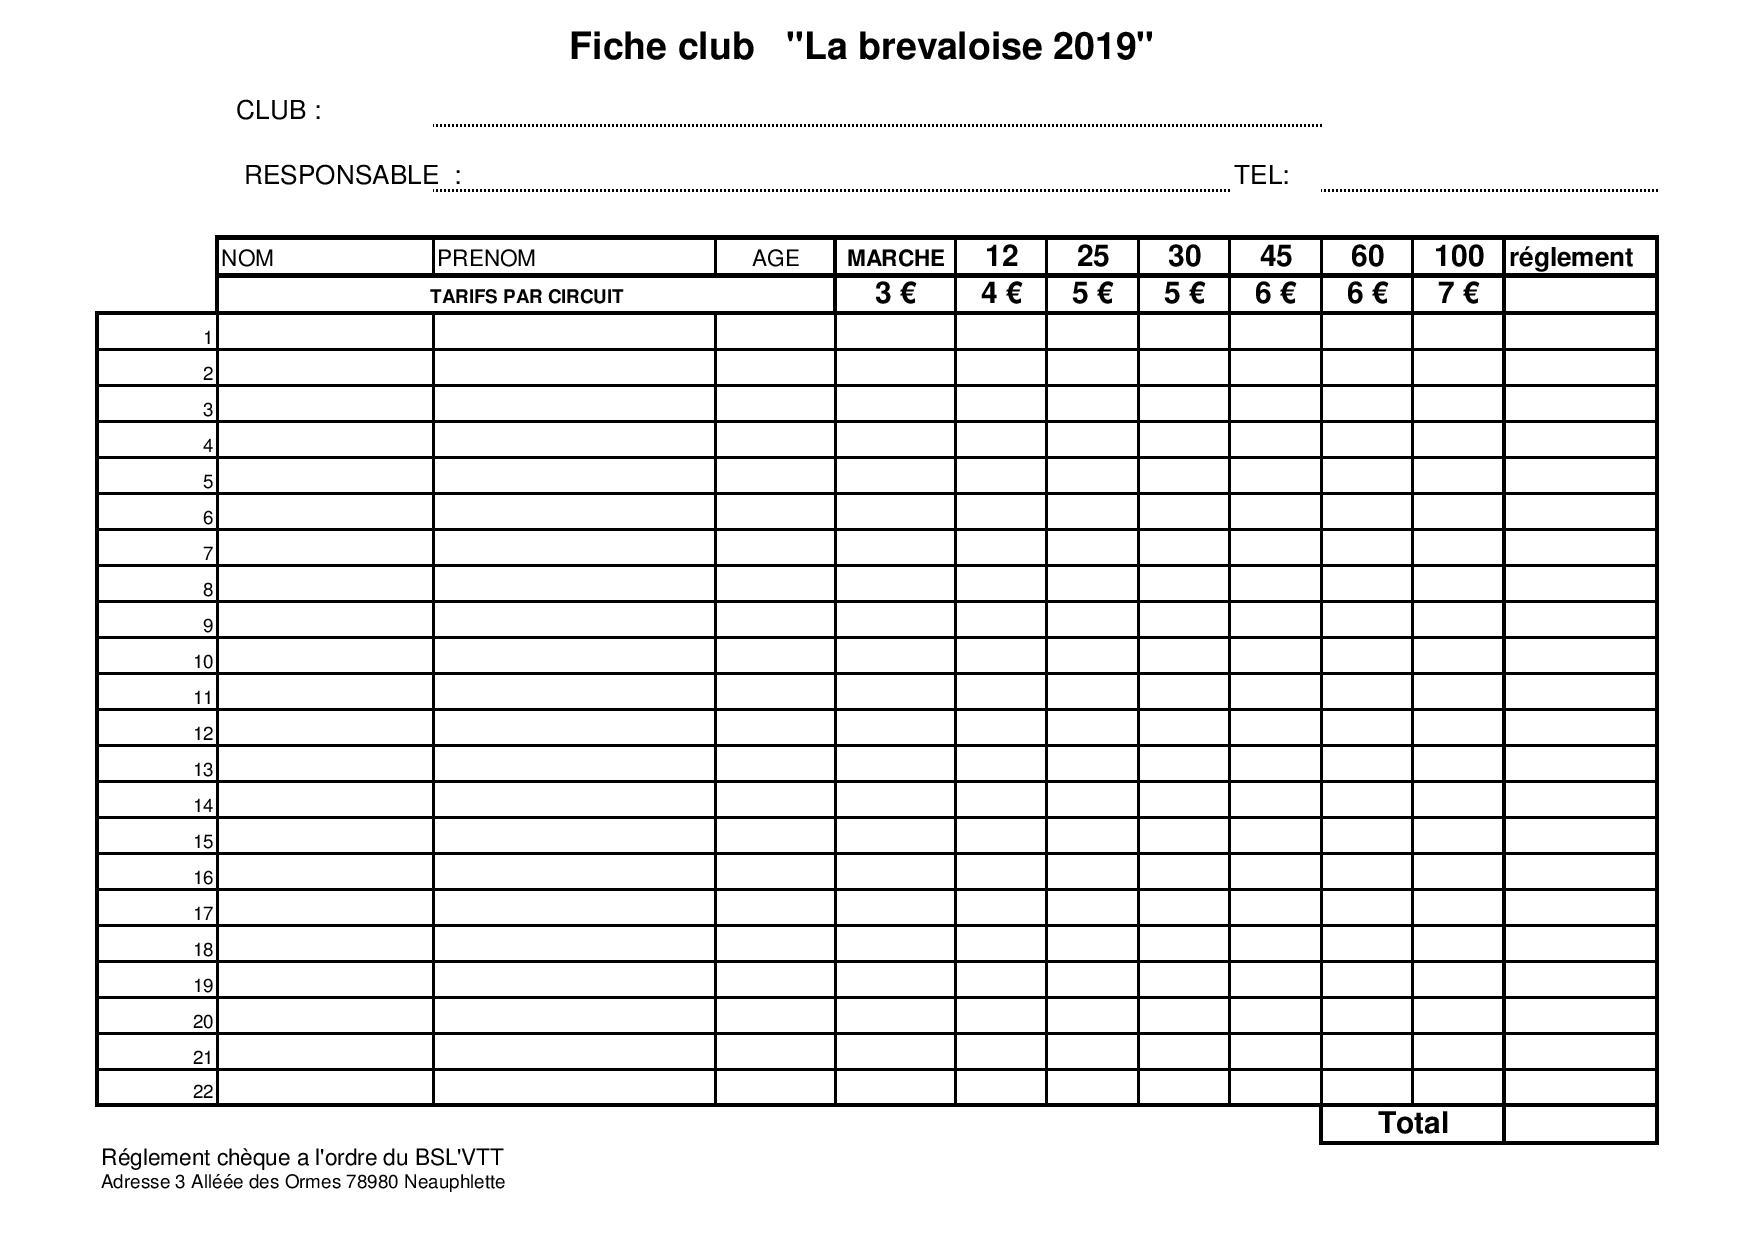 FICHE CLUB 2019-page-001.jpg